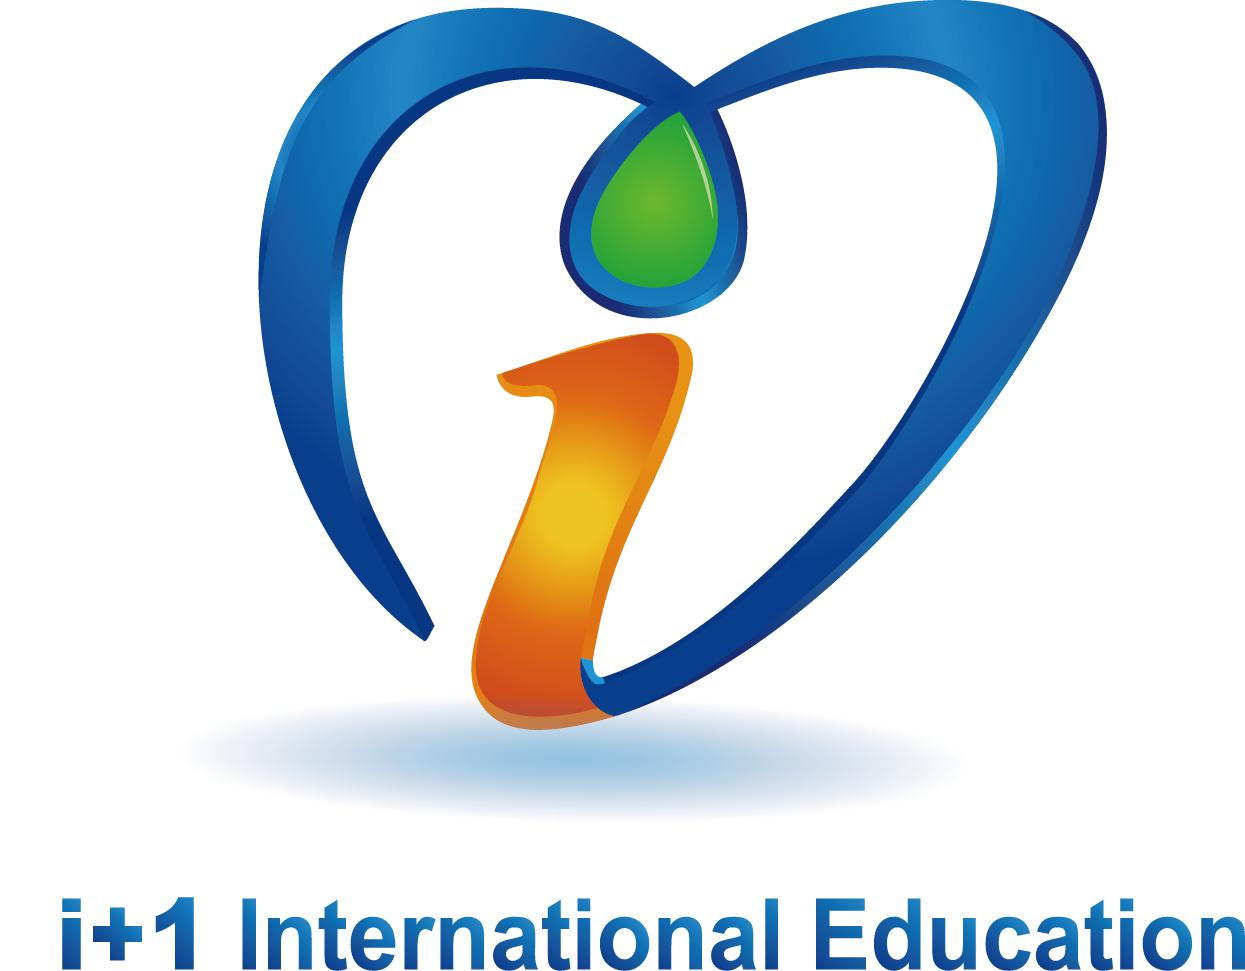 爱加壹国际教育